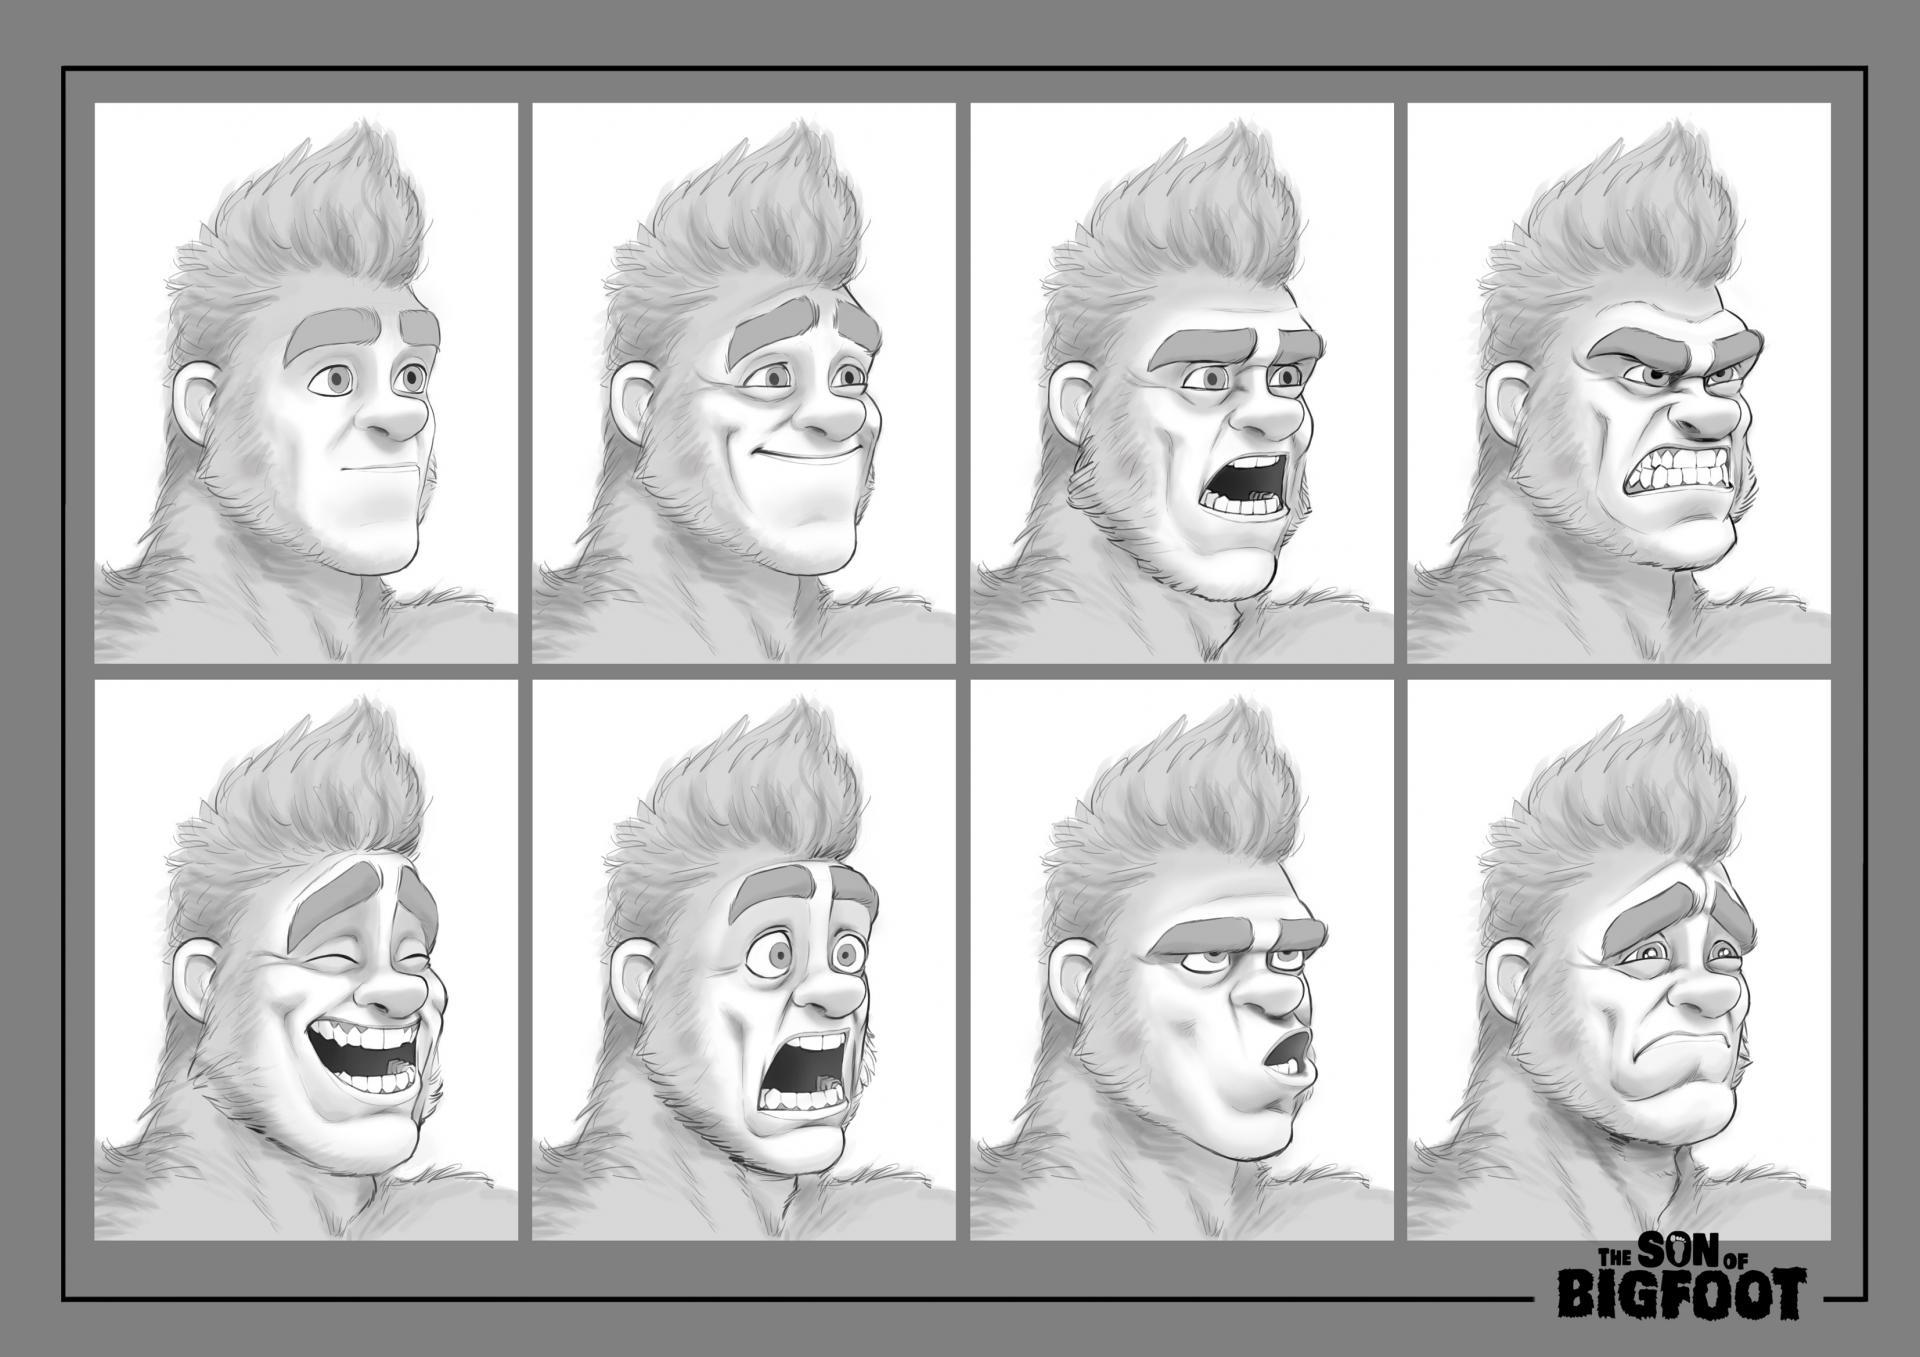 Bigfoot expression sheet